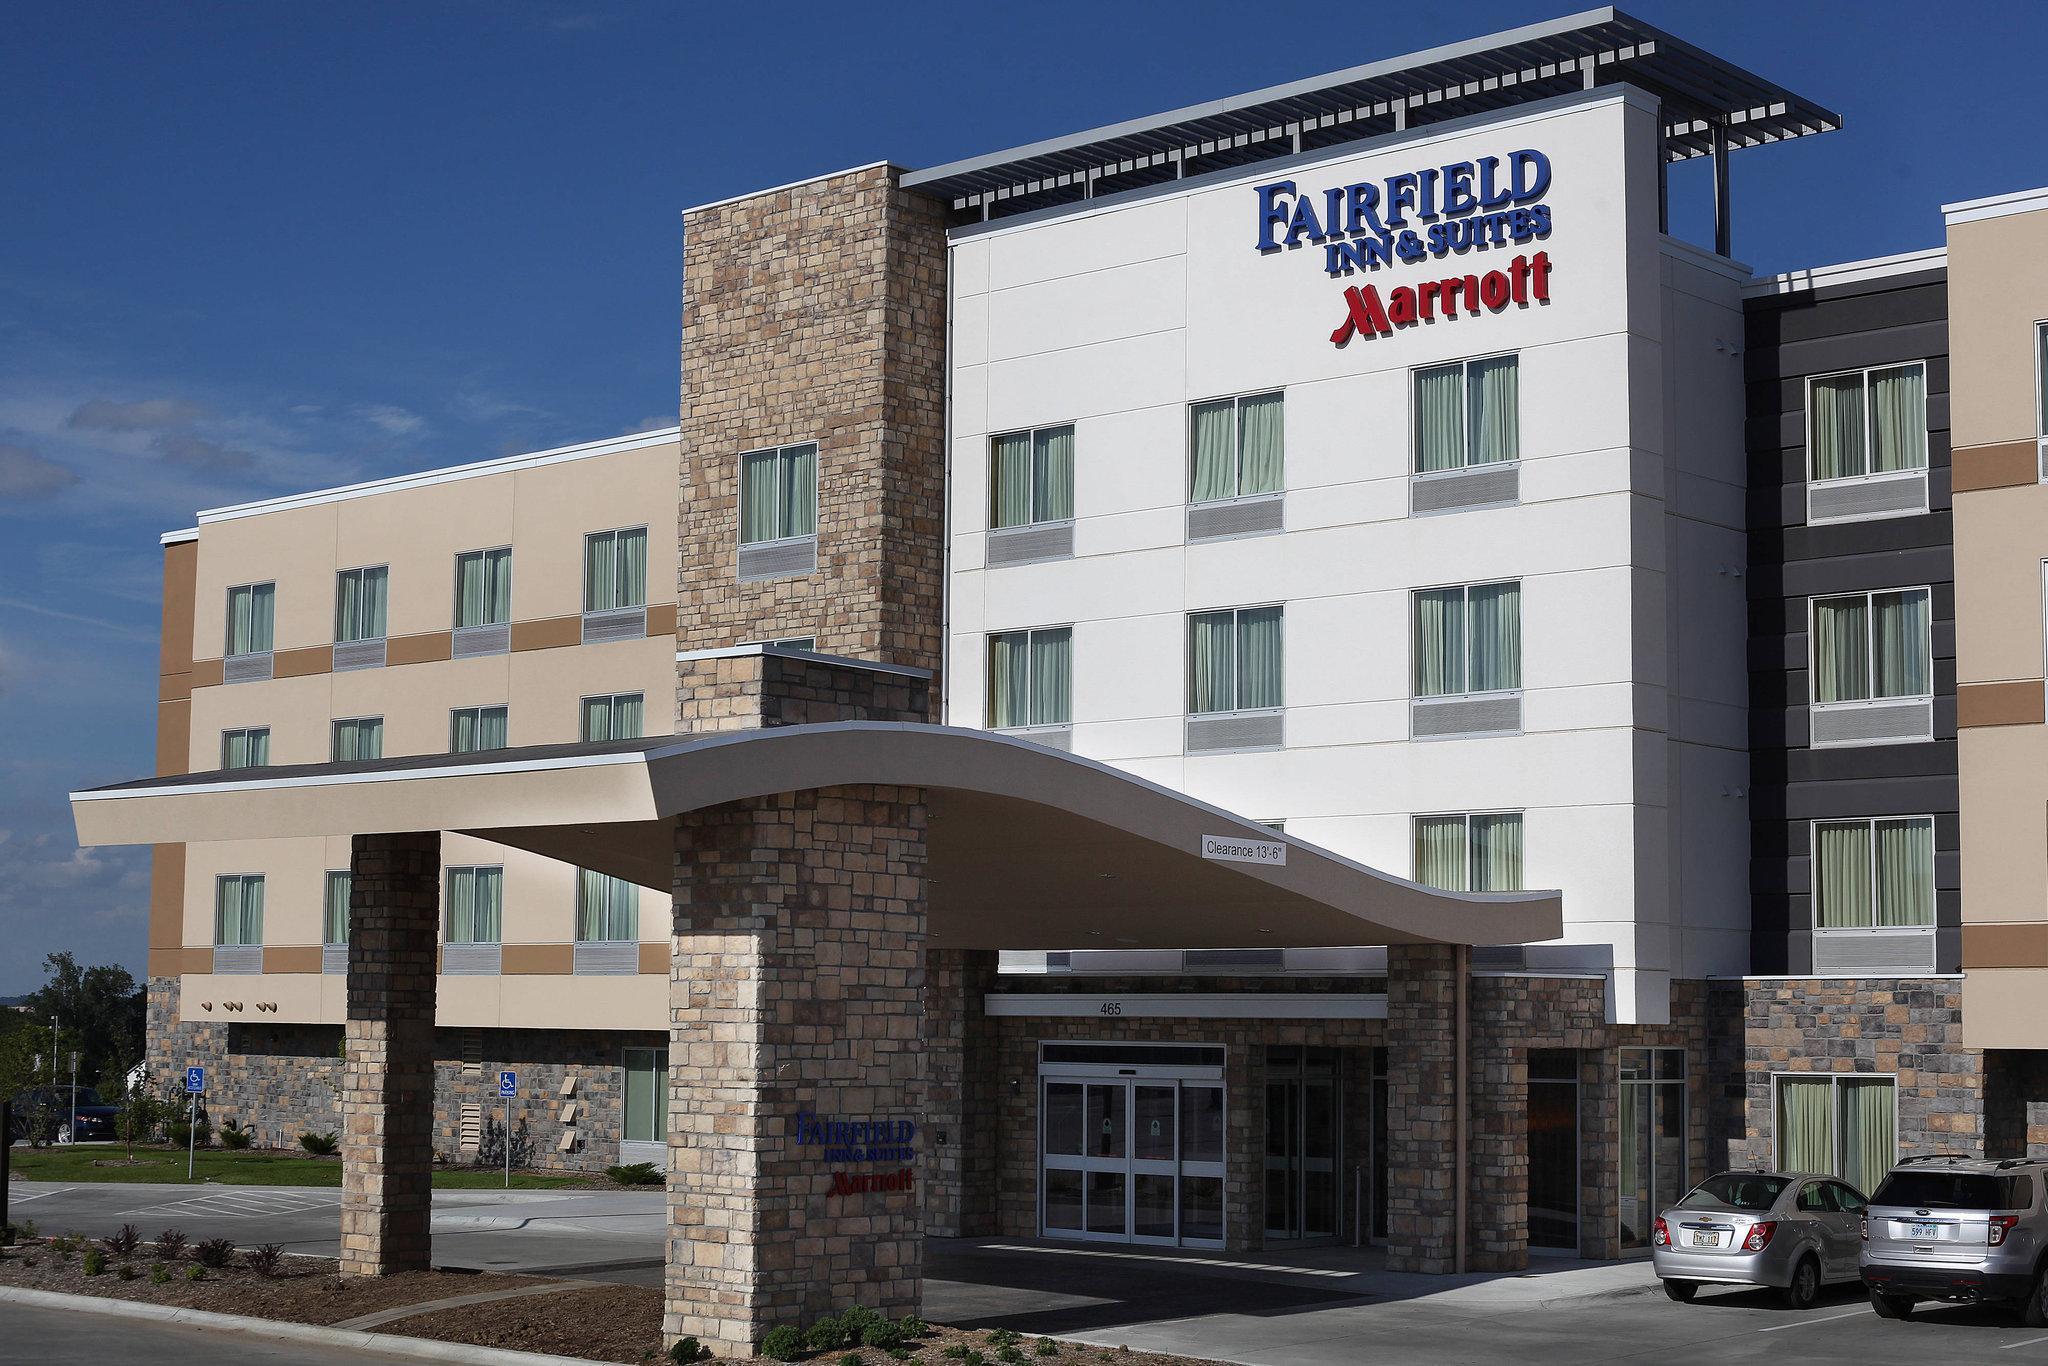 Fairfield Inn And Suites Omaha Papillion